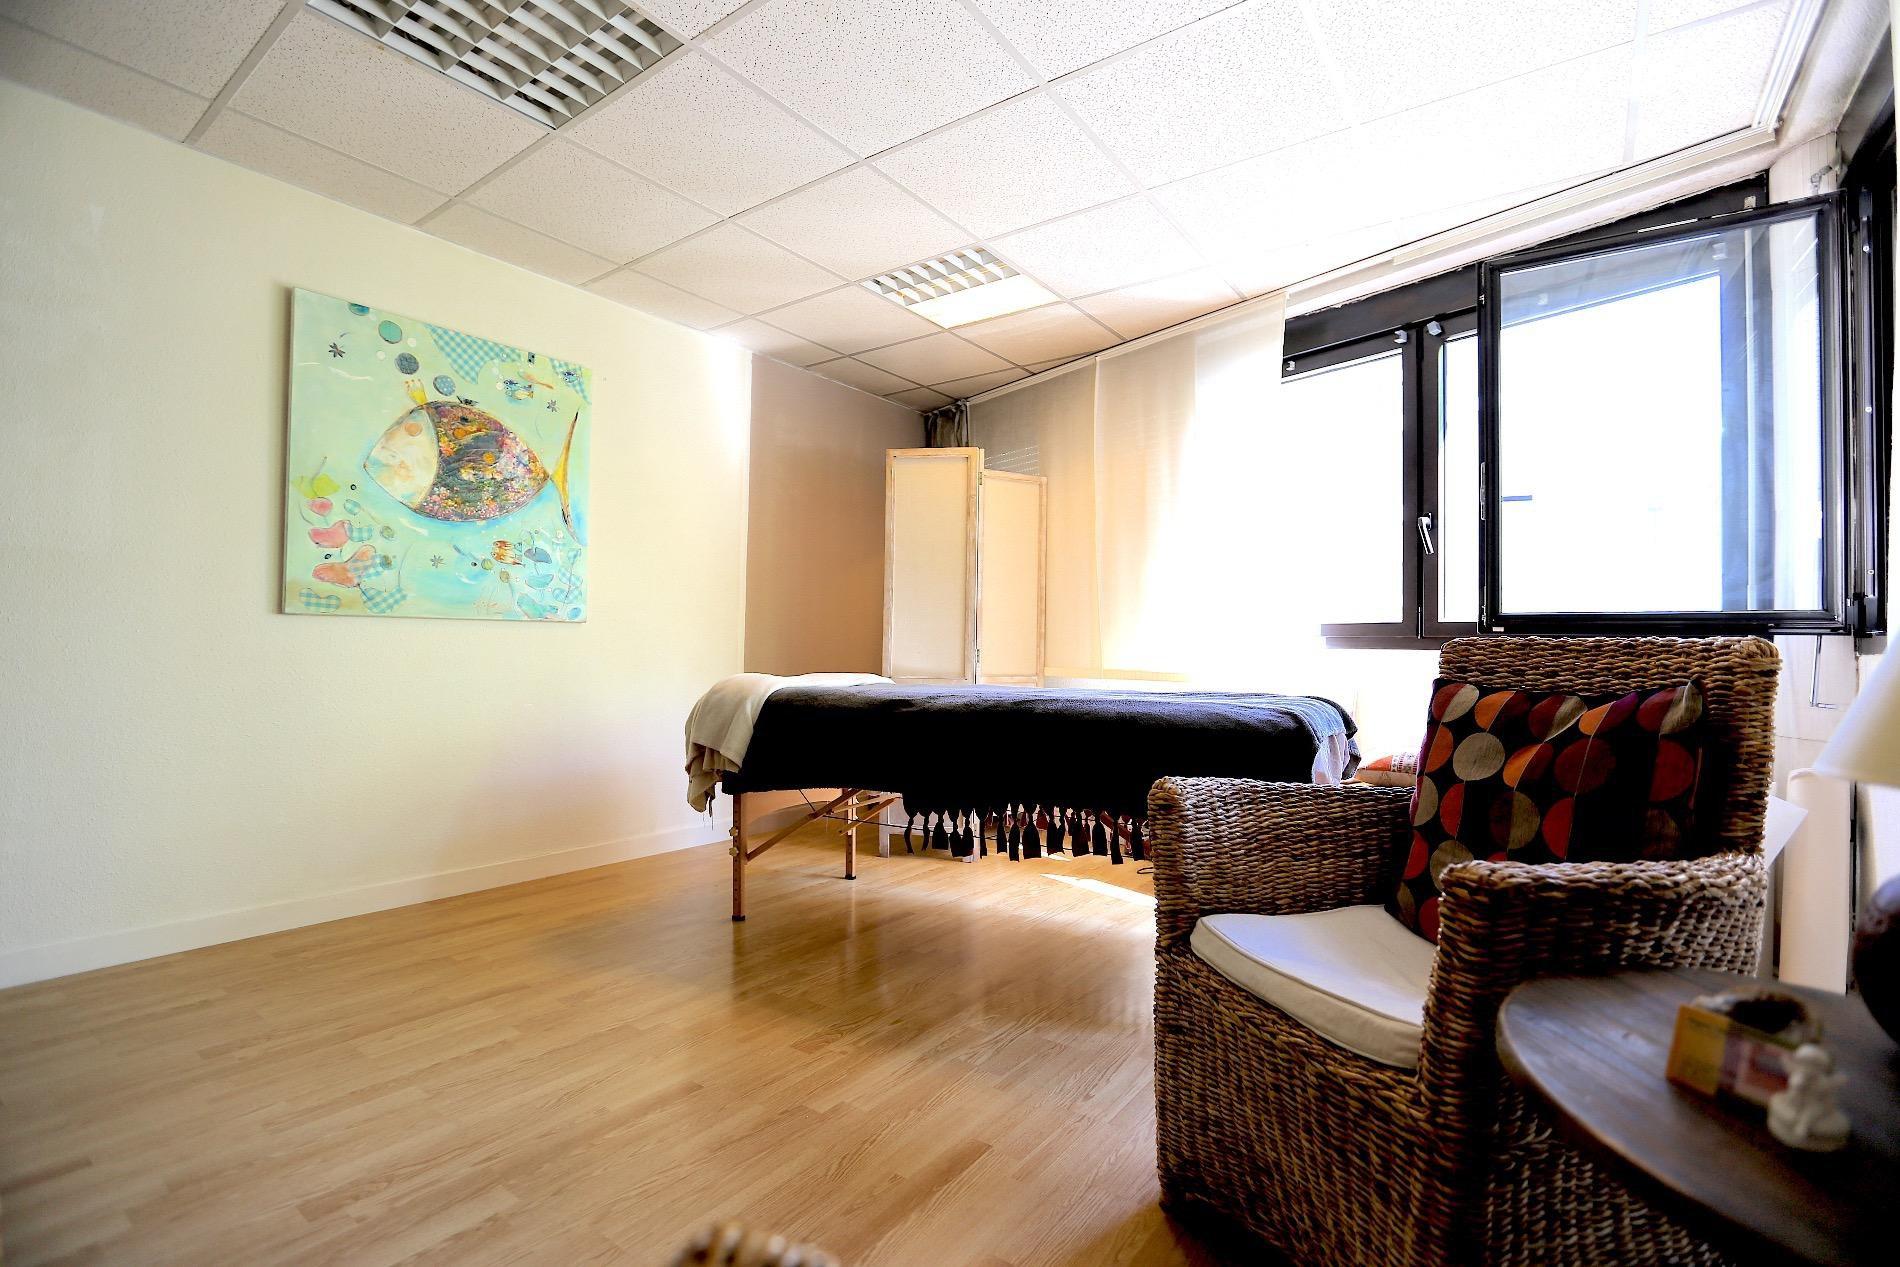 A773- ANNECY- Appartement 105 m2 transformé en local commercial